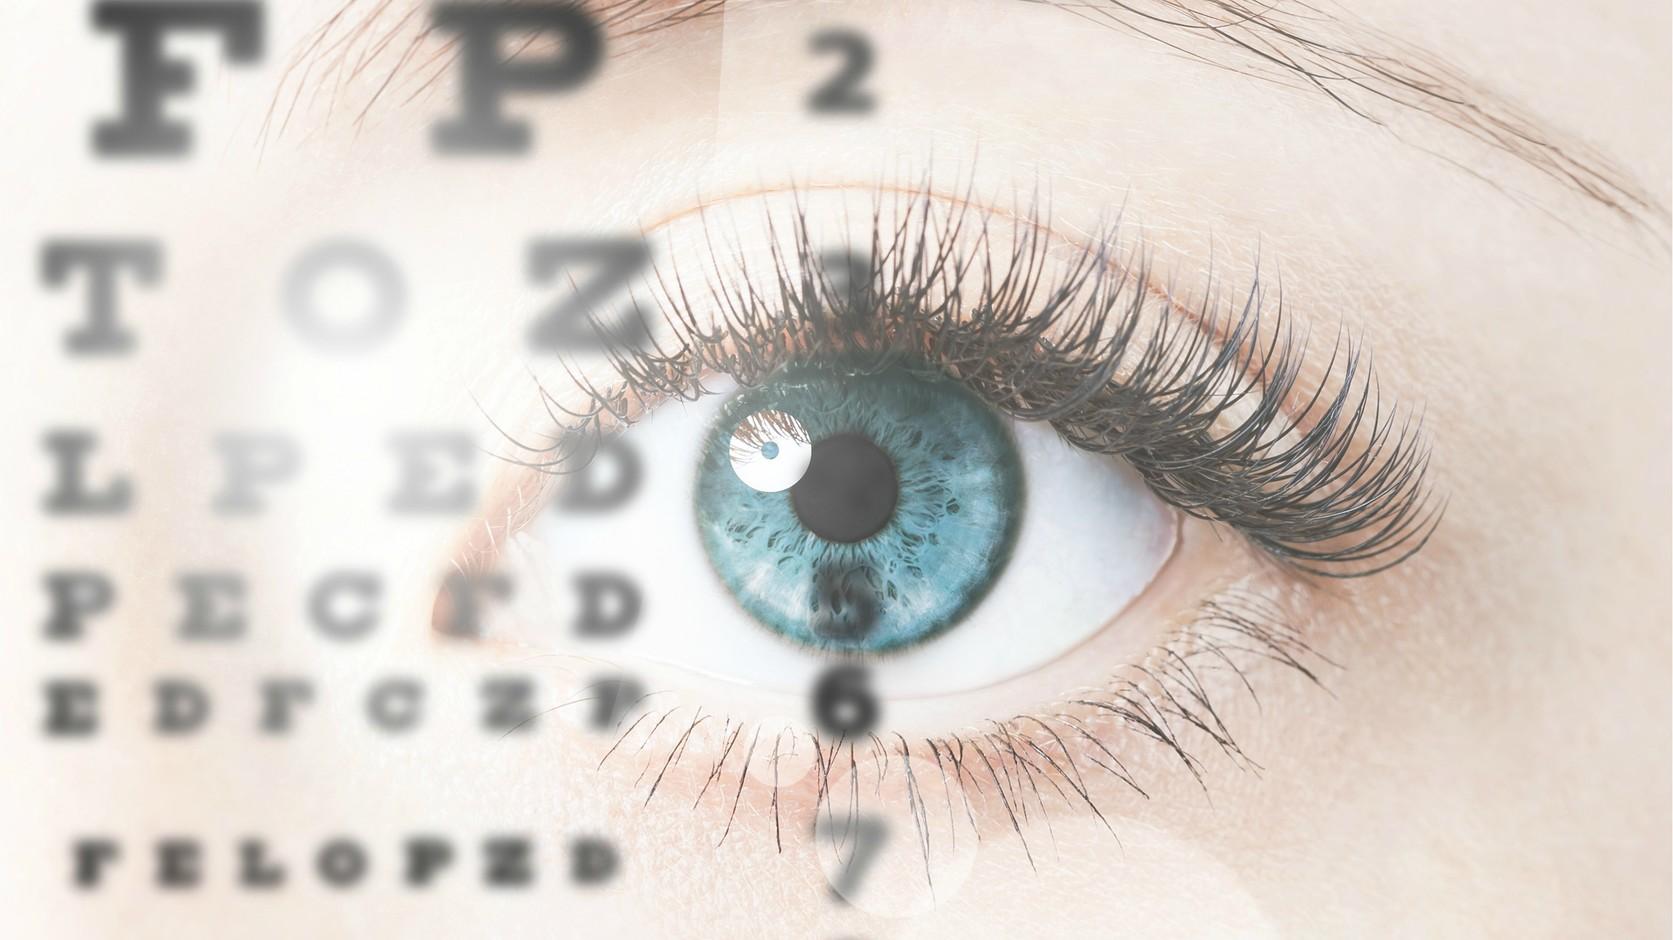 Október látás hónapja digitális világ vizuális kihívásai fókuszban e8f0170fdf